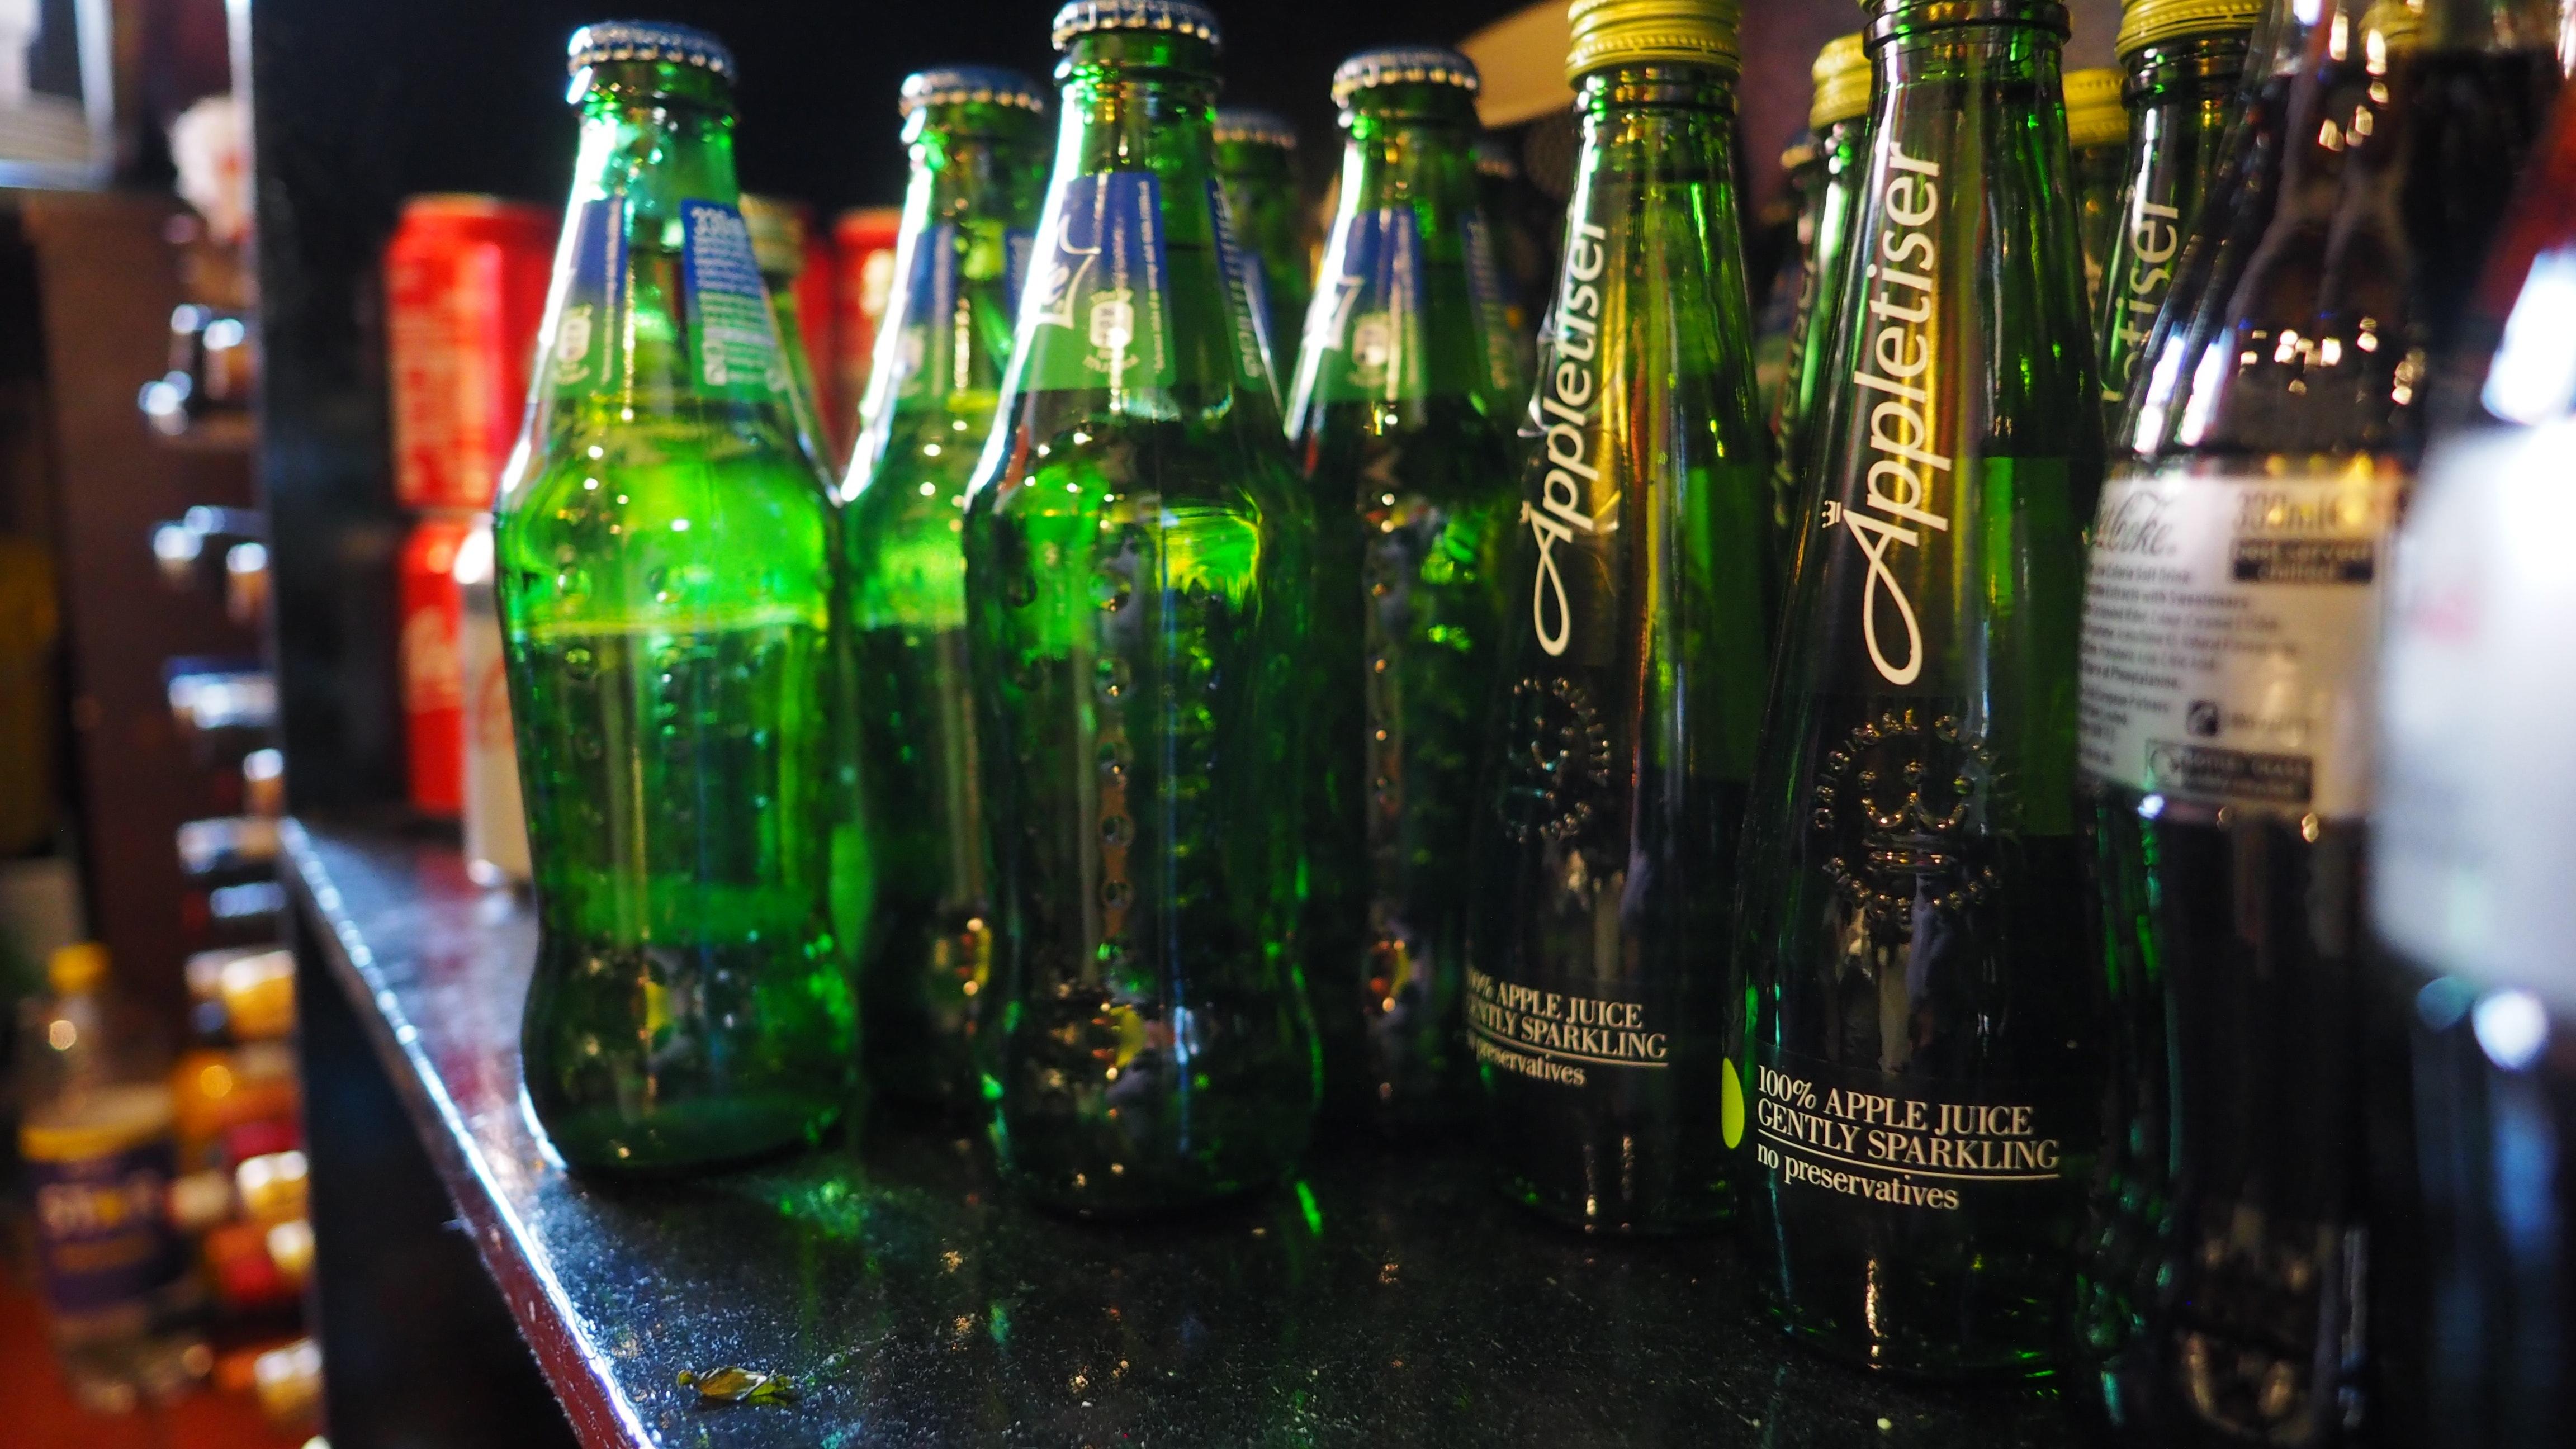 Image of Appletizer - 12 x 330ml glass bottles